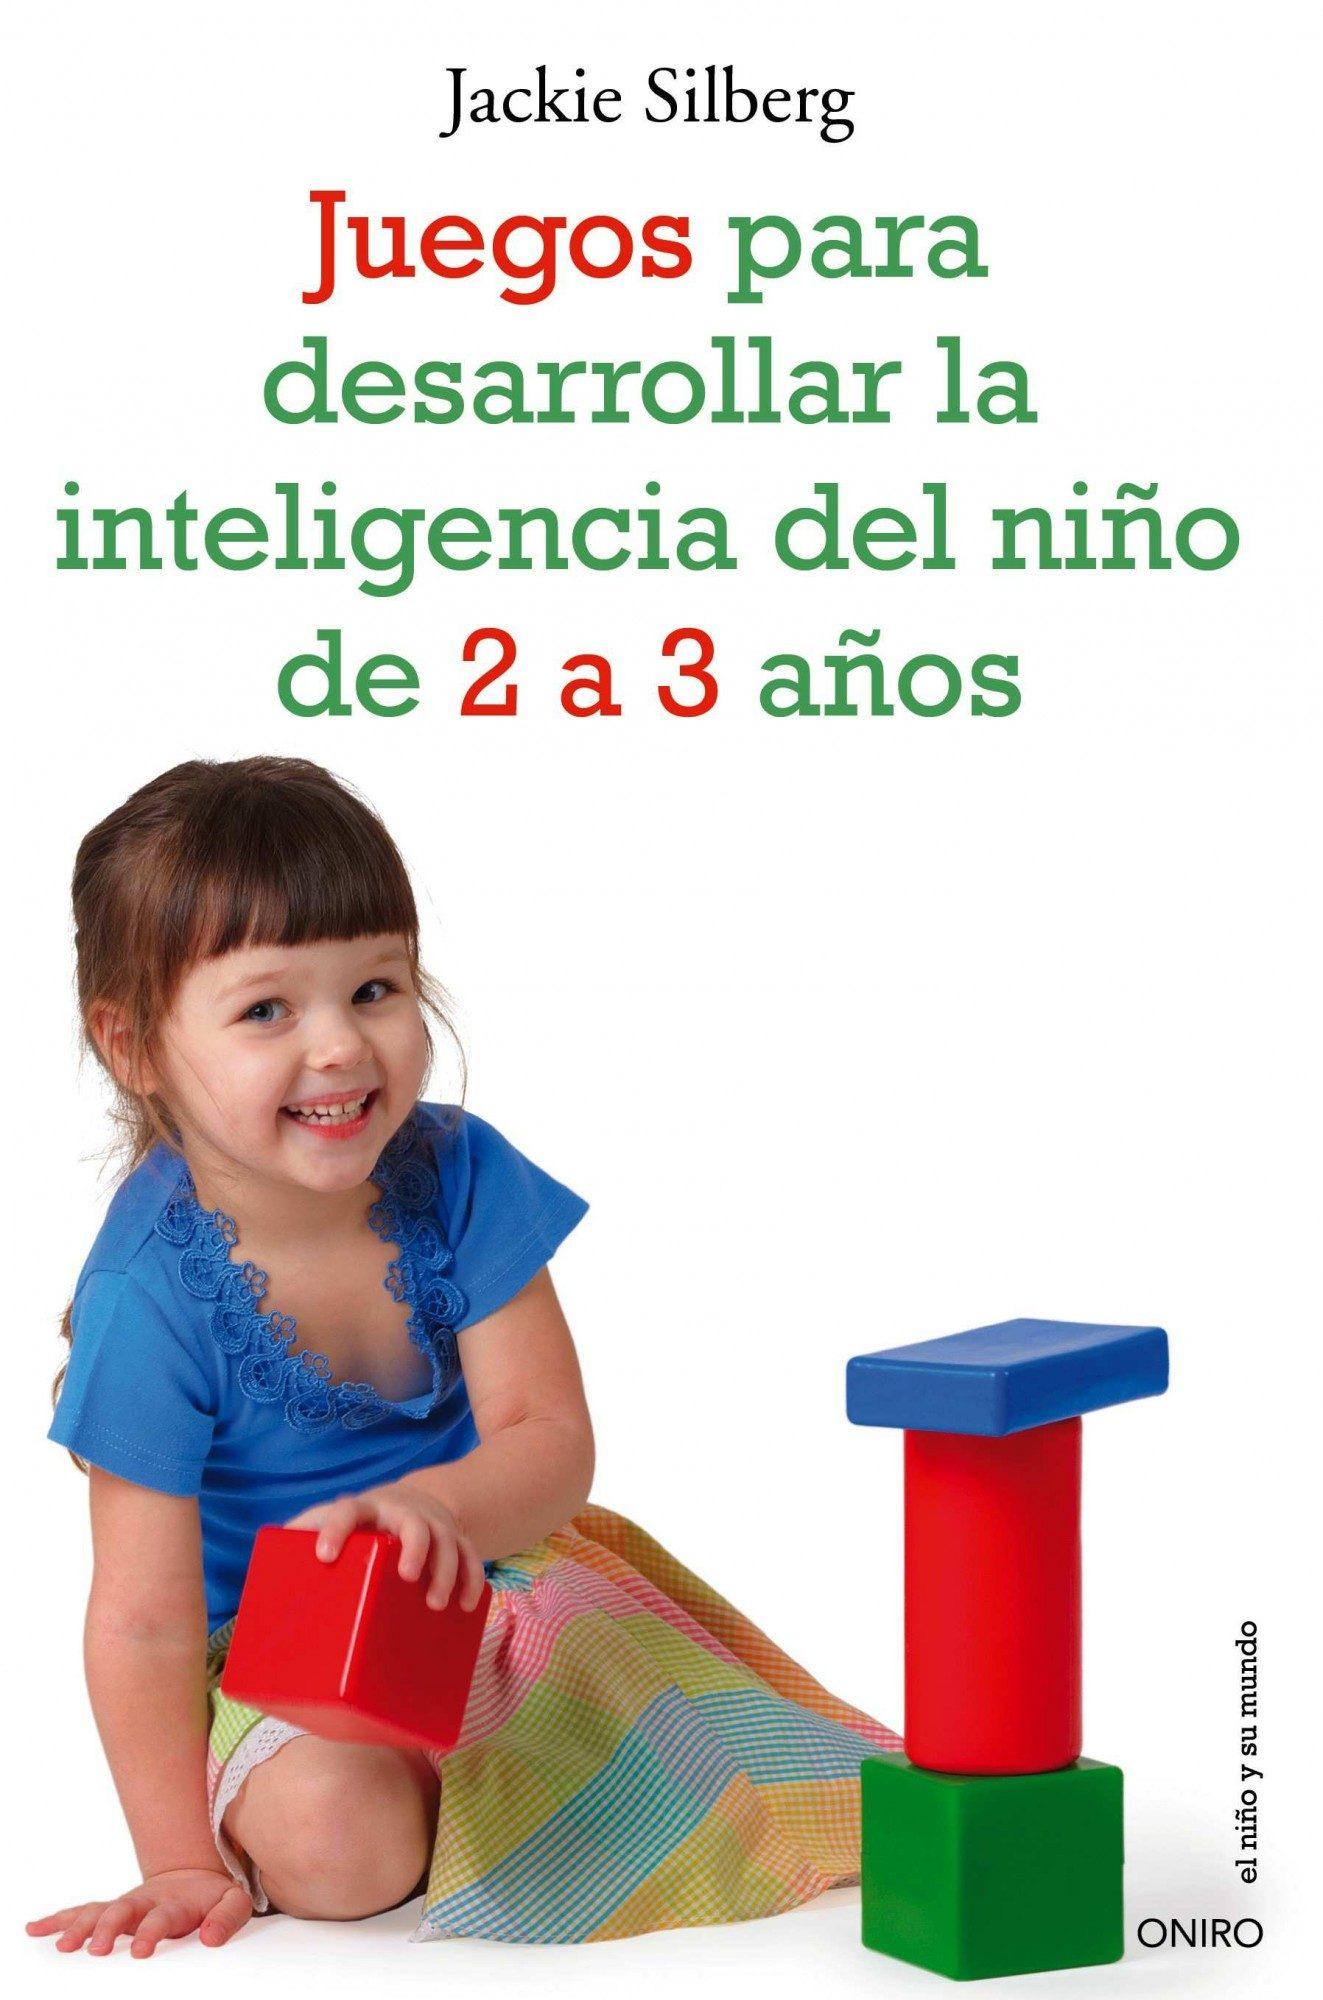 4022675f9bfa Juegos Para Desarrollar La Inteligencia Del Niño De 2 A 3 Años (ebook) ·  Ebooks · El Corte Inglés